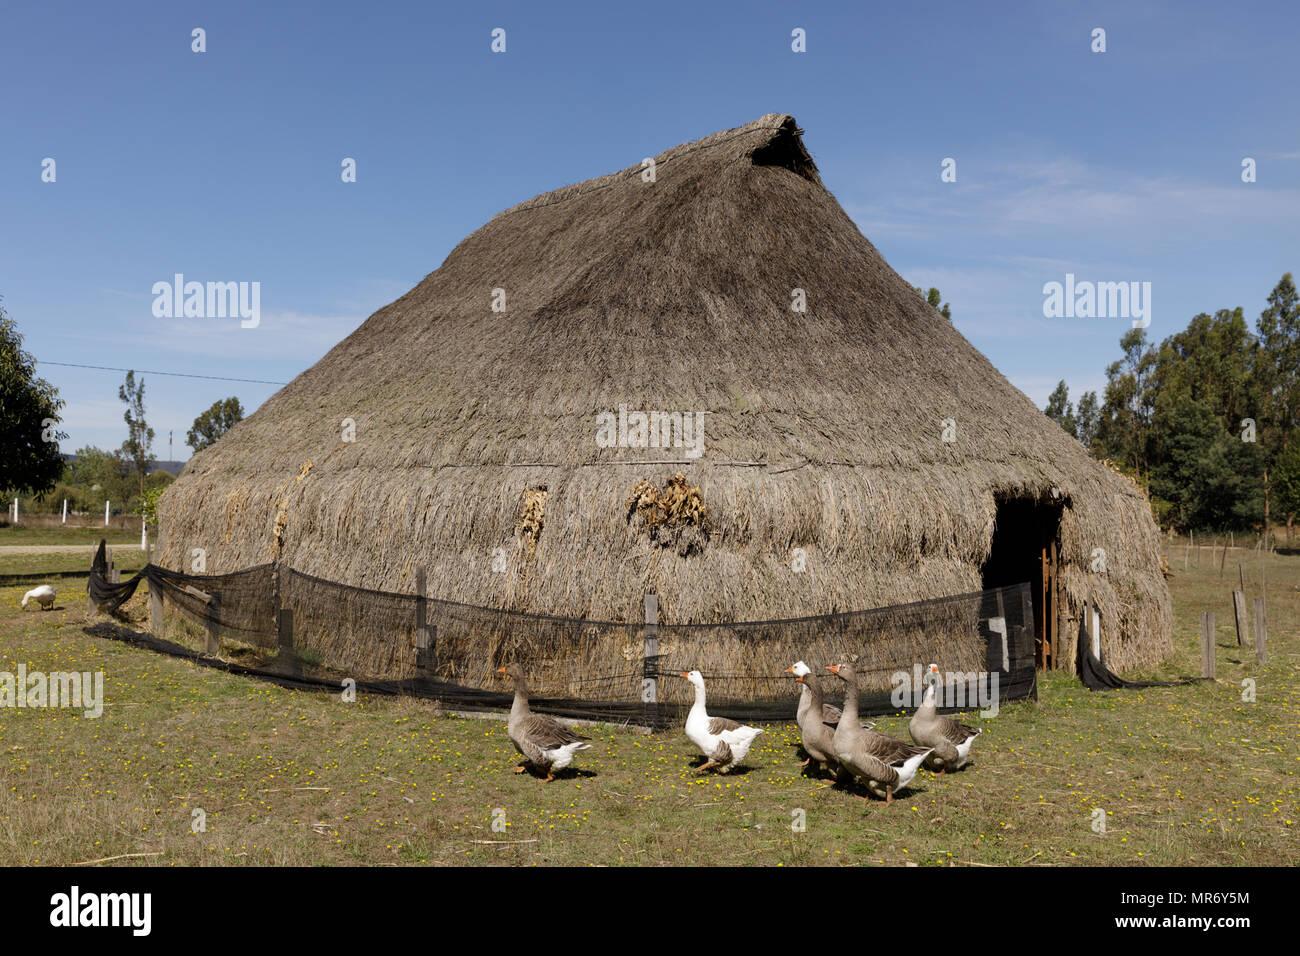 Cholchol, La Araucania, Chile: Traditional Mapuche communal thatch dwelling, called a ruka. Stock Photo